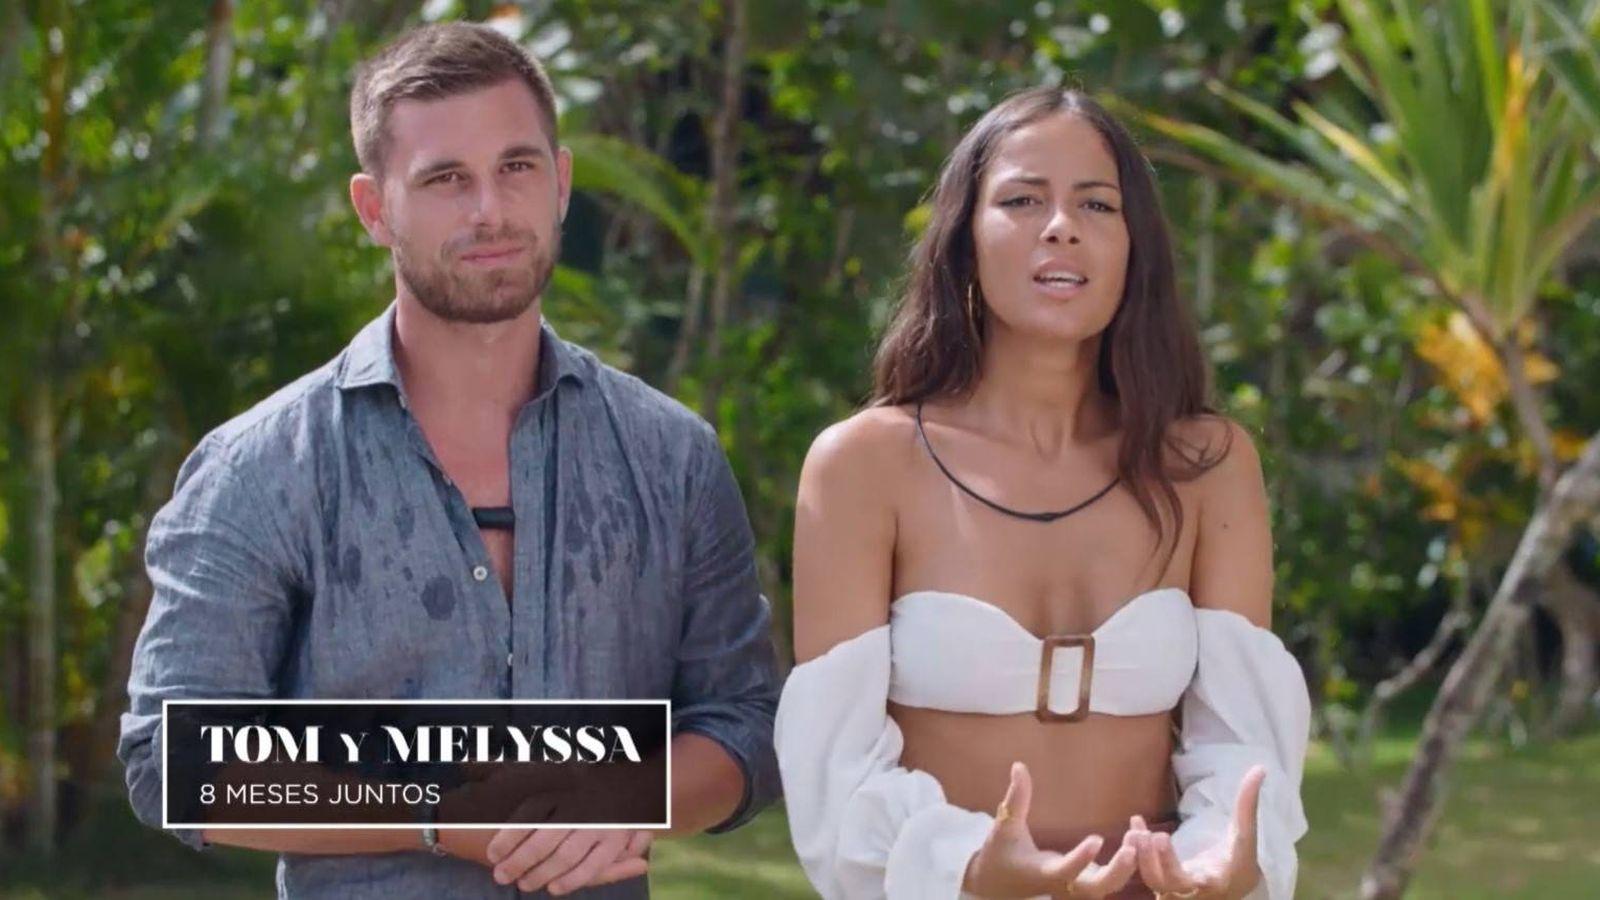 Quiénes son Tom y Melyssa, la pareja de 'La isla de las tentaciones 2'?